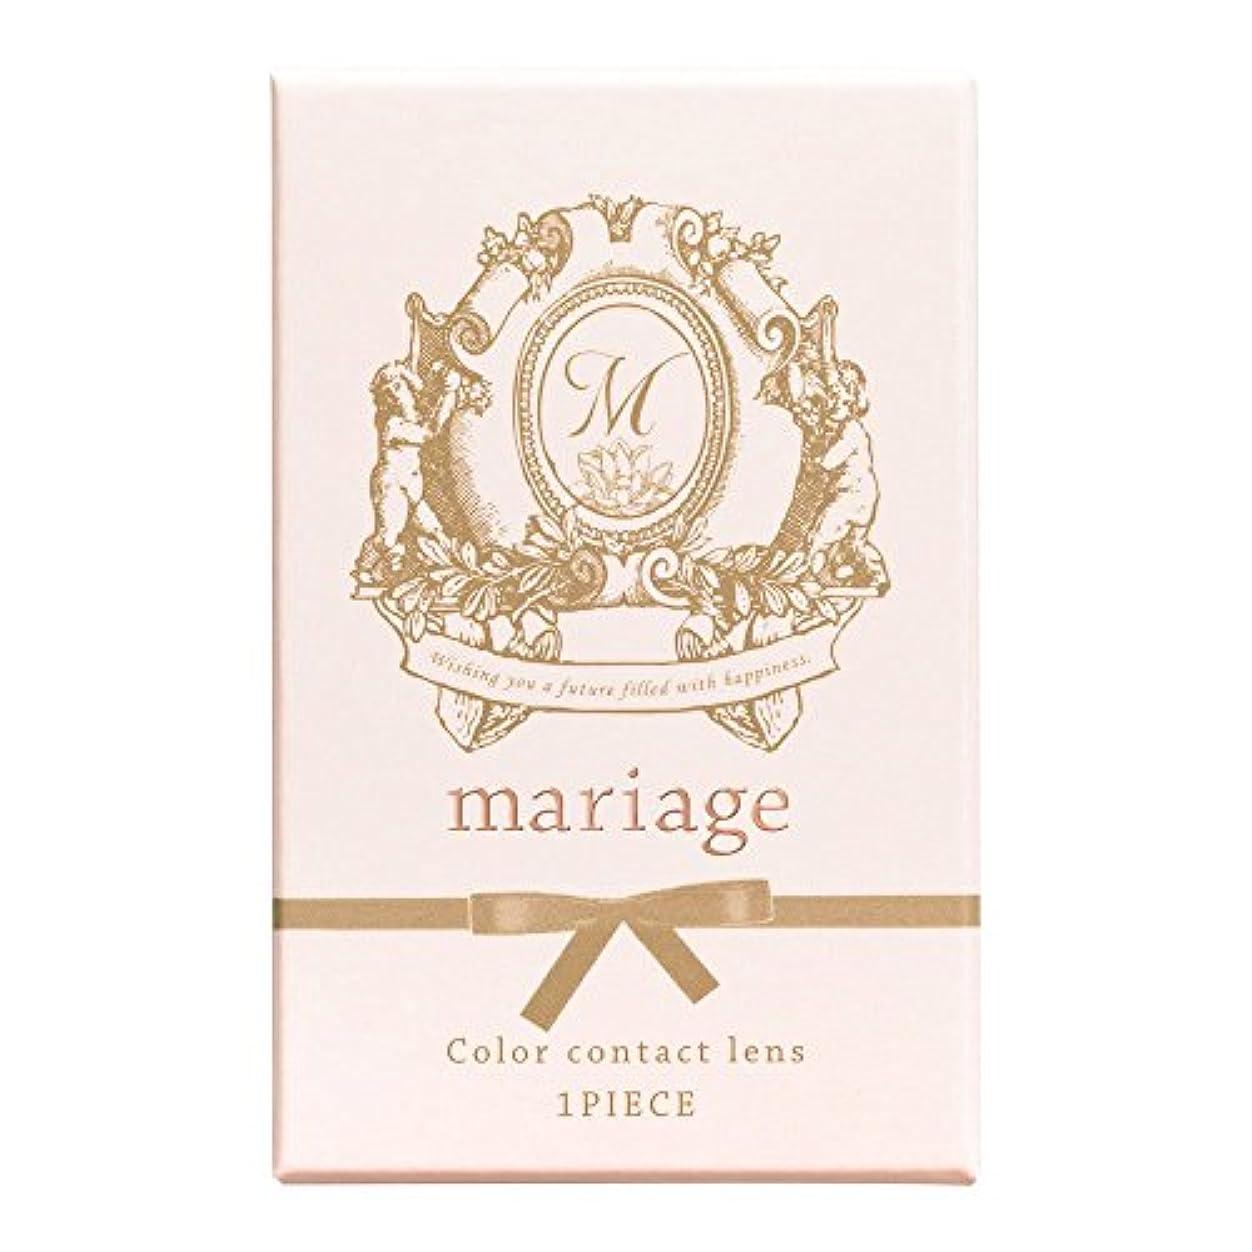 植物学者校長手綱マリアージュ(mariage) デイジーアーモンド -1.75 1枚入り MGMO142-02-06